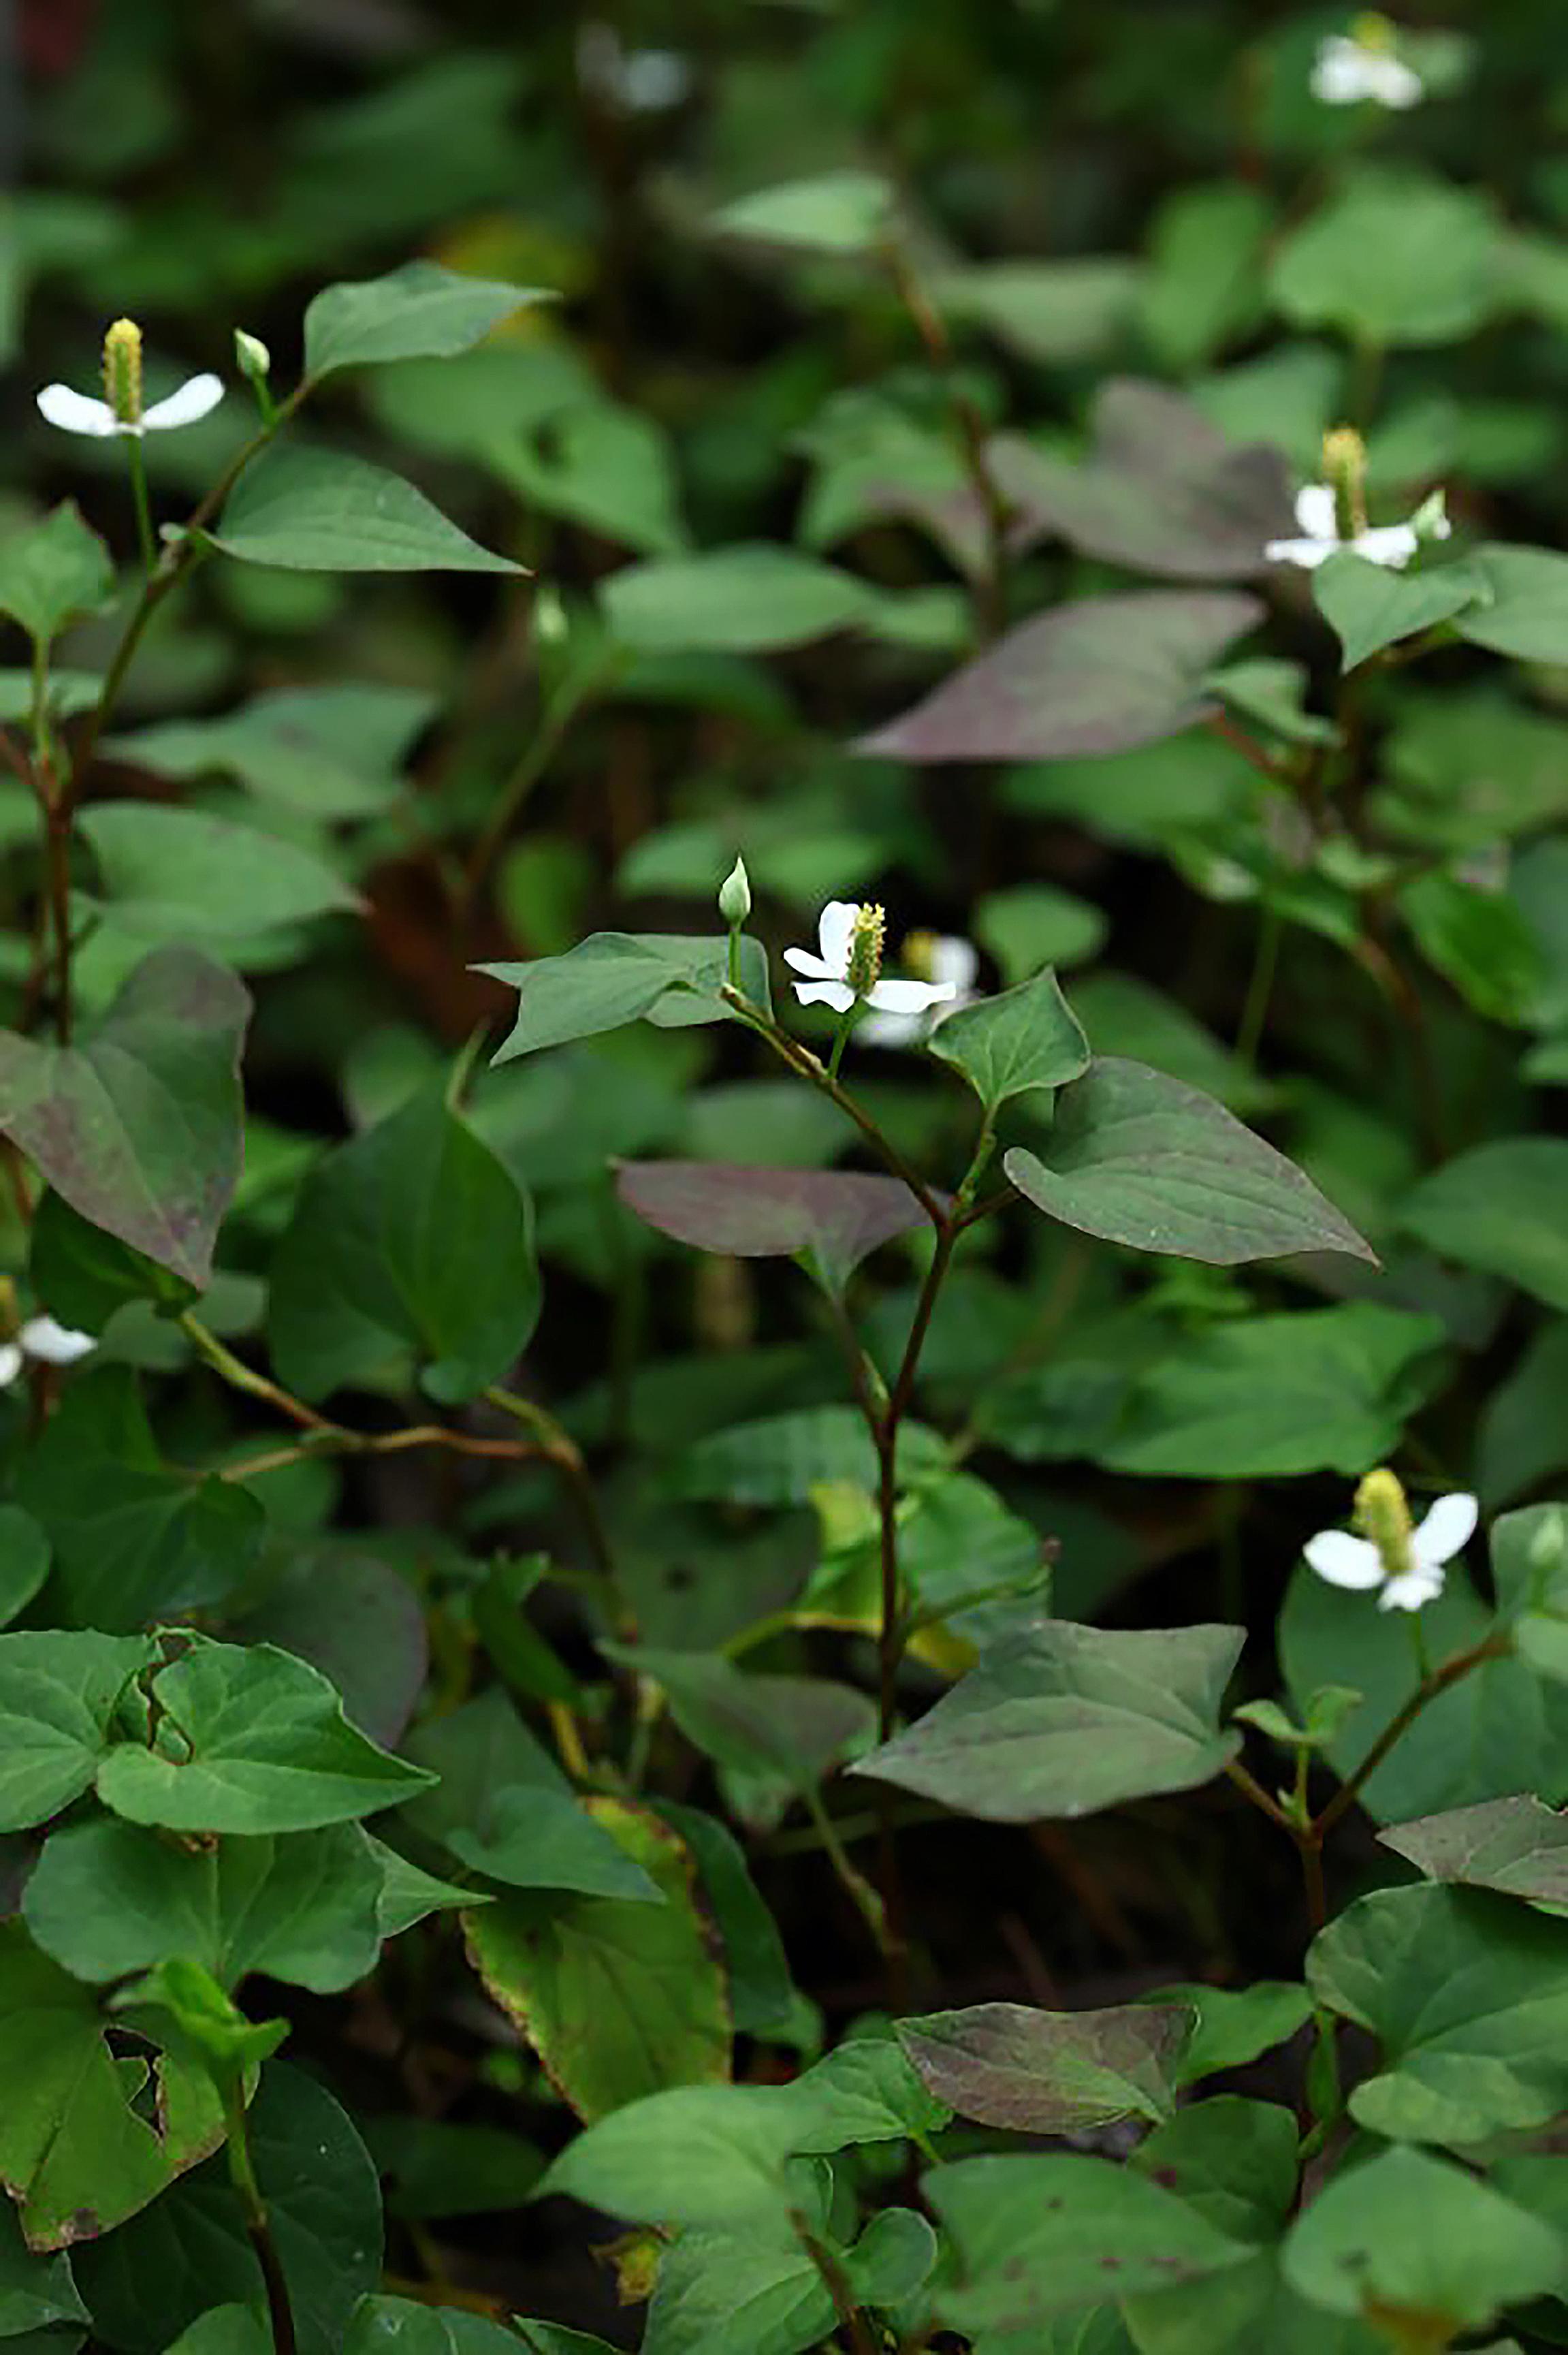 花博「虎爸農莊」共榮作物栽培法 倡導自然和諧精神